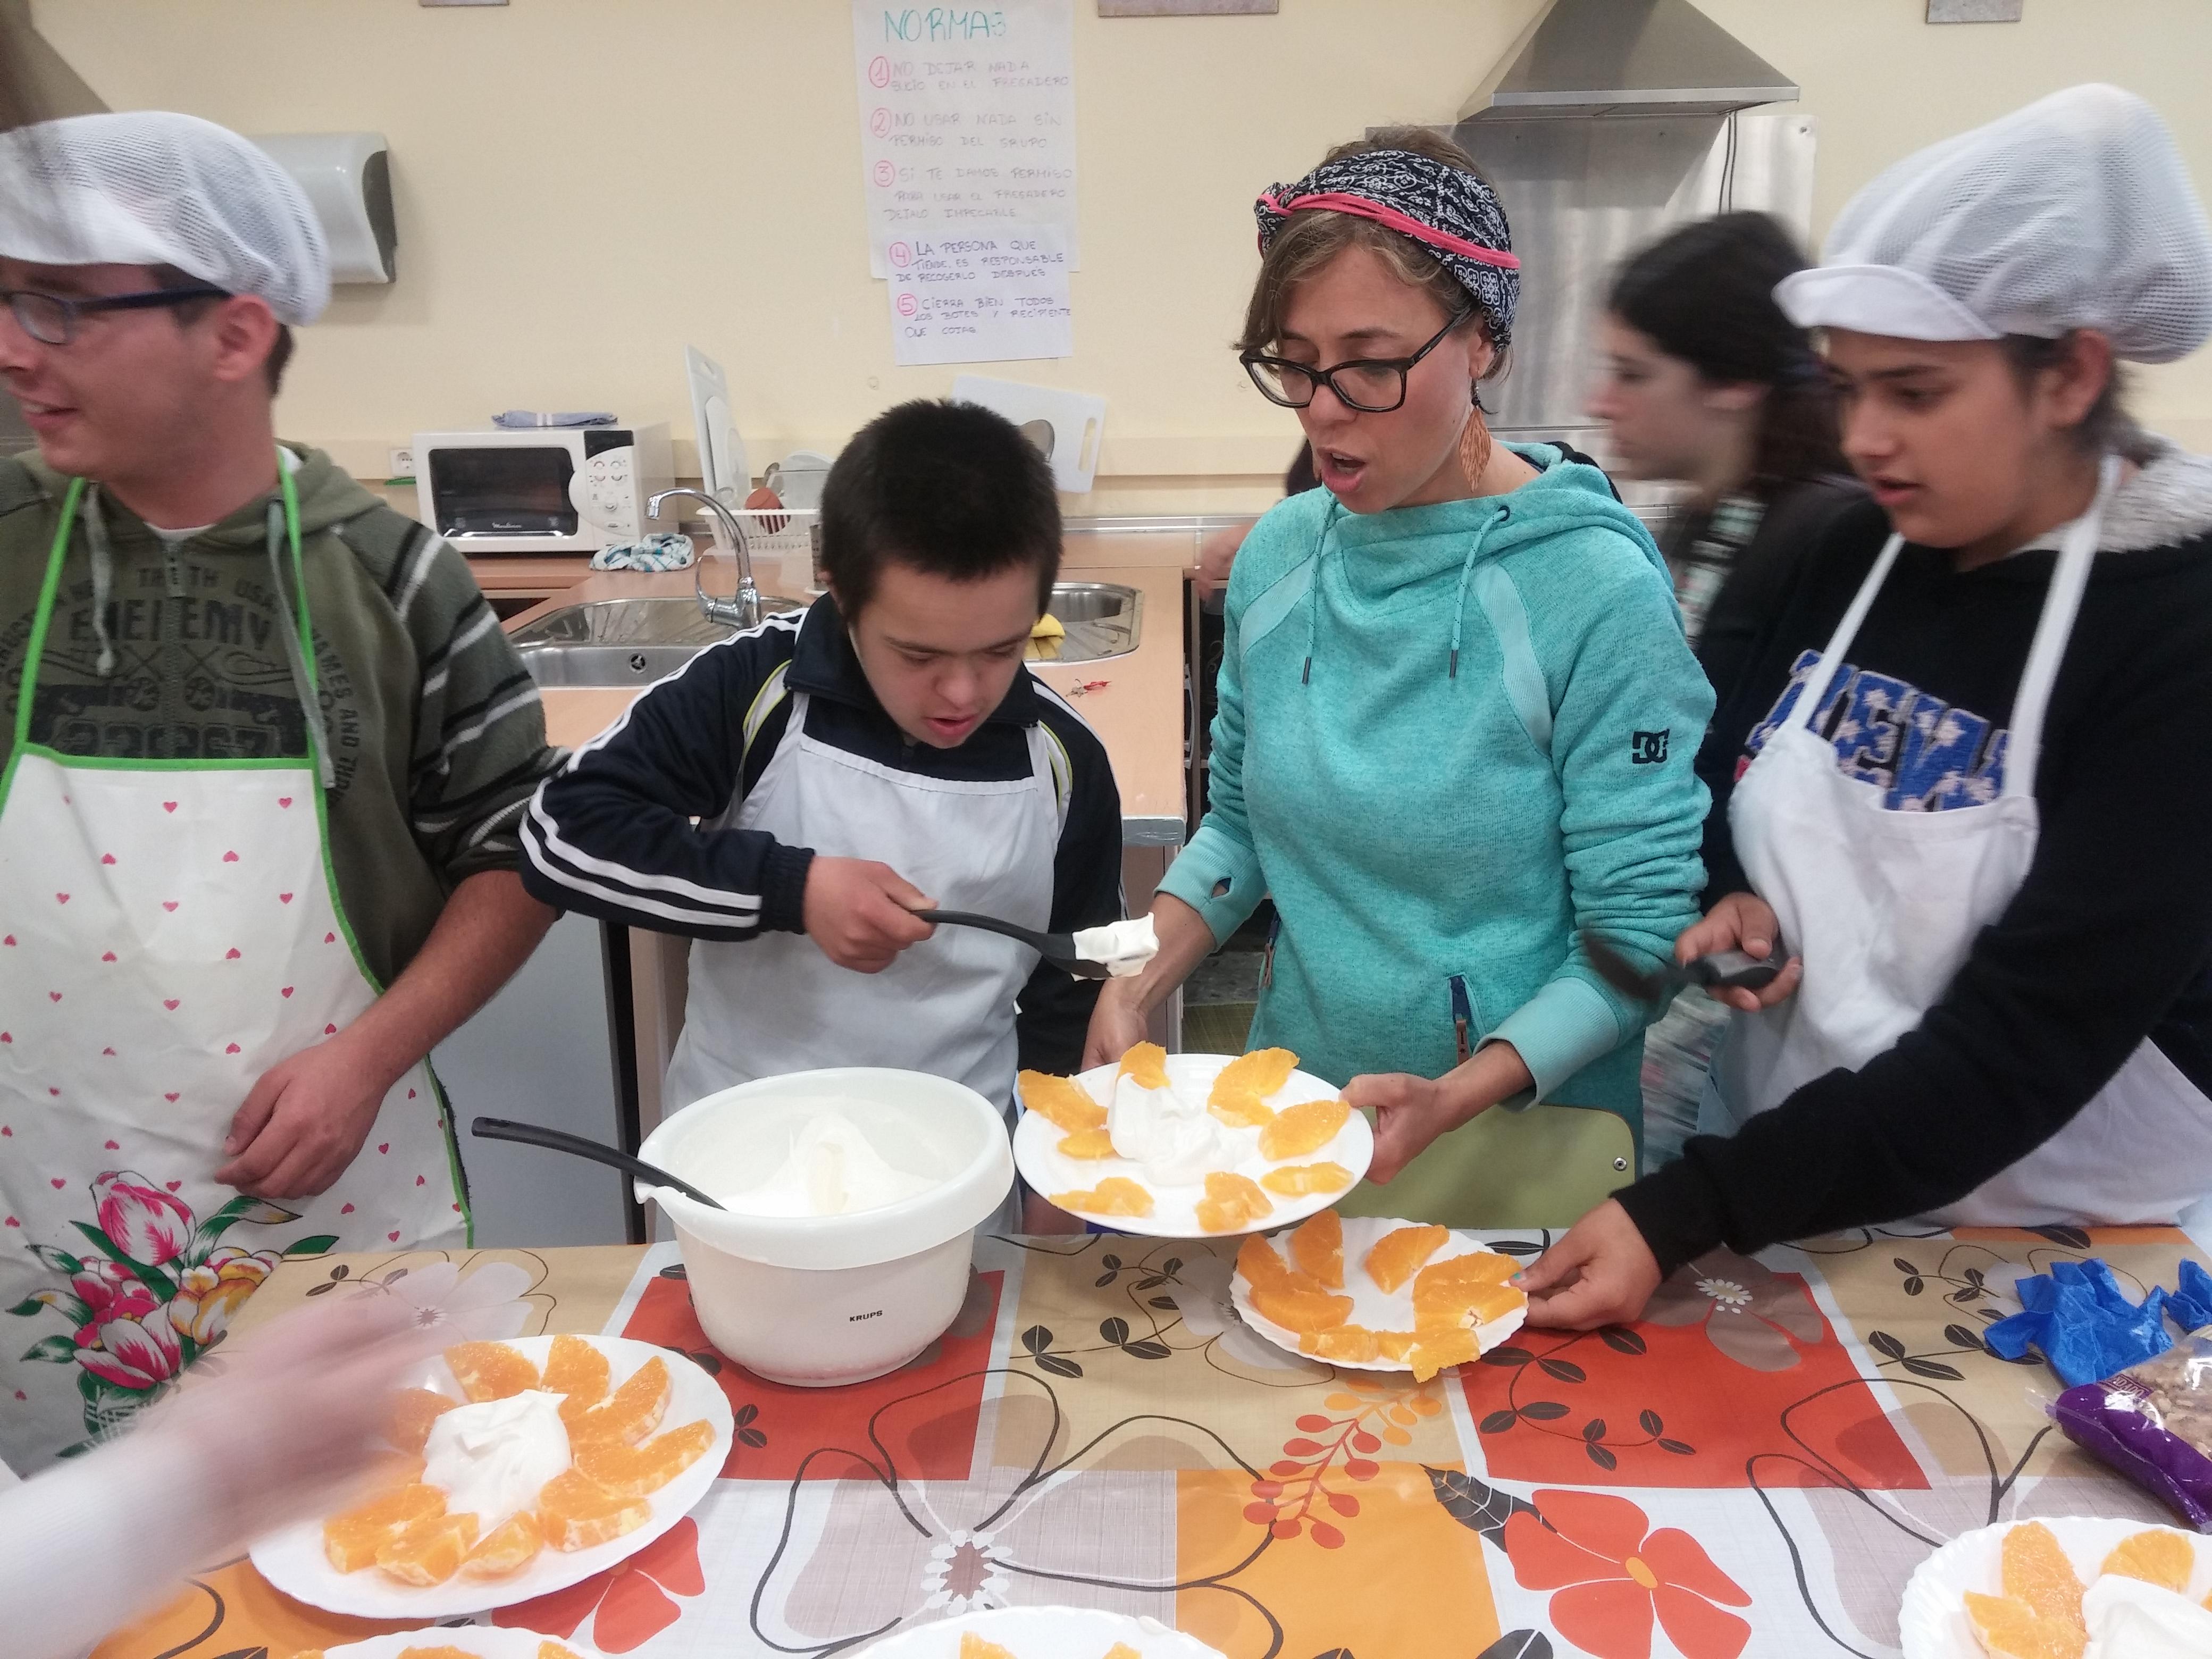 Alumnos con necesidades educativas especiales participan en una clase de Apoyo Domiciliario